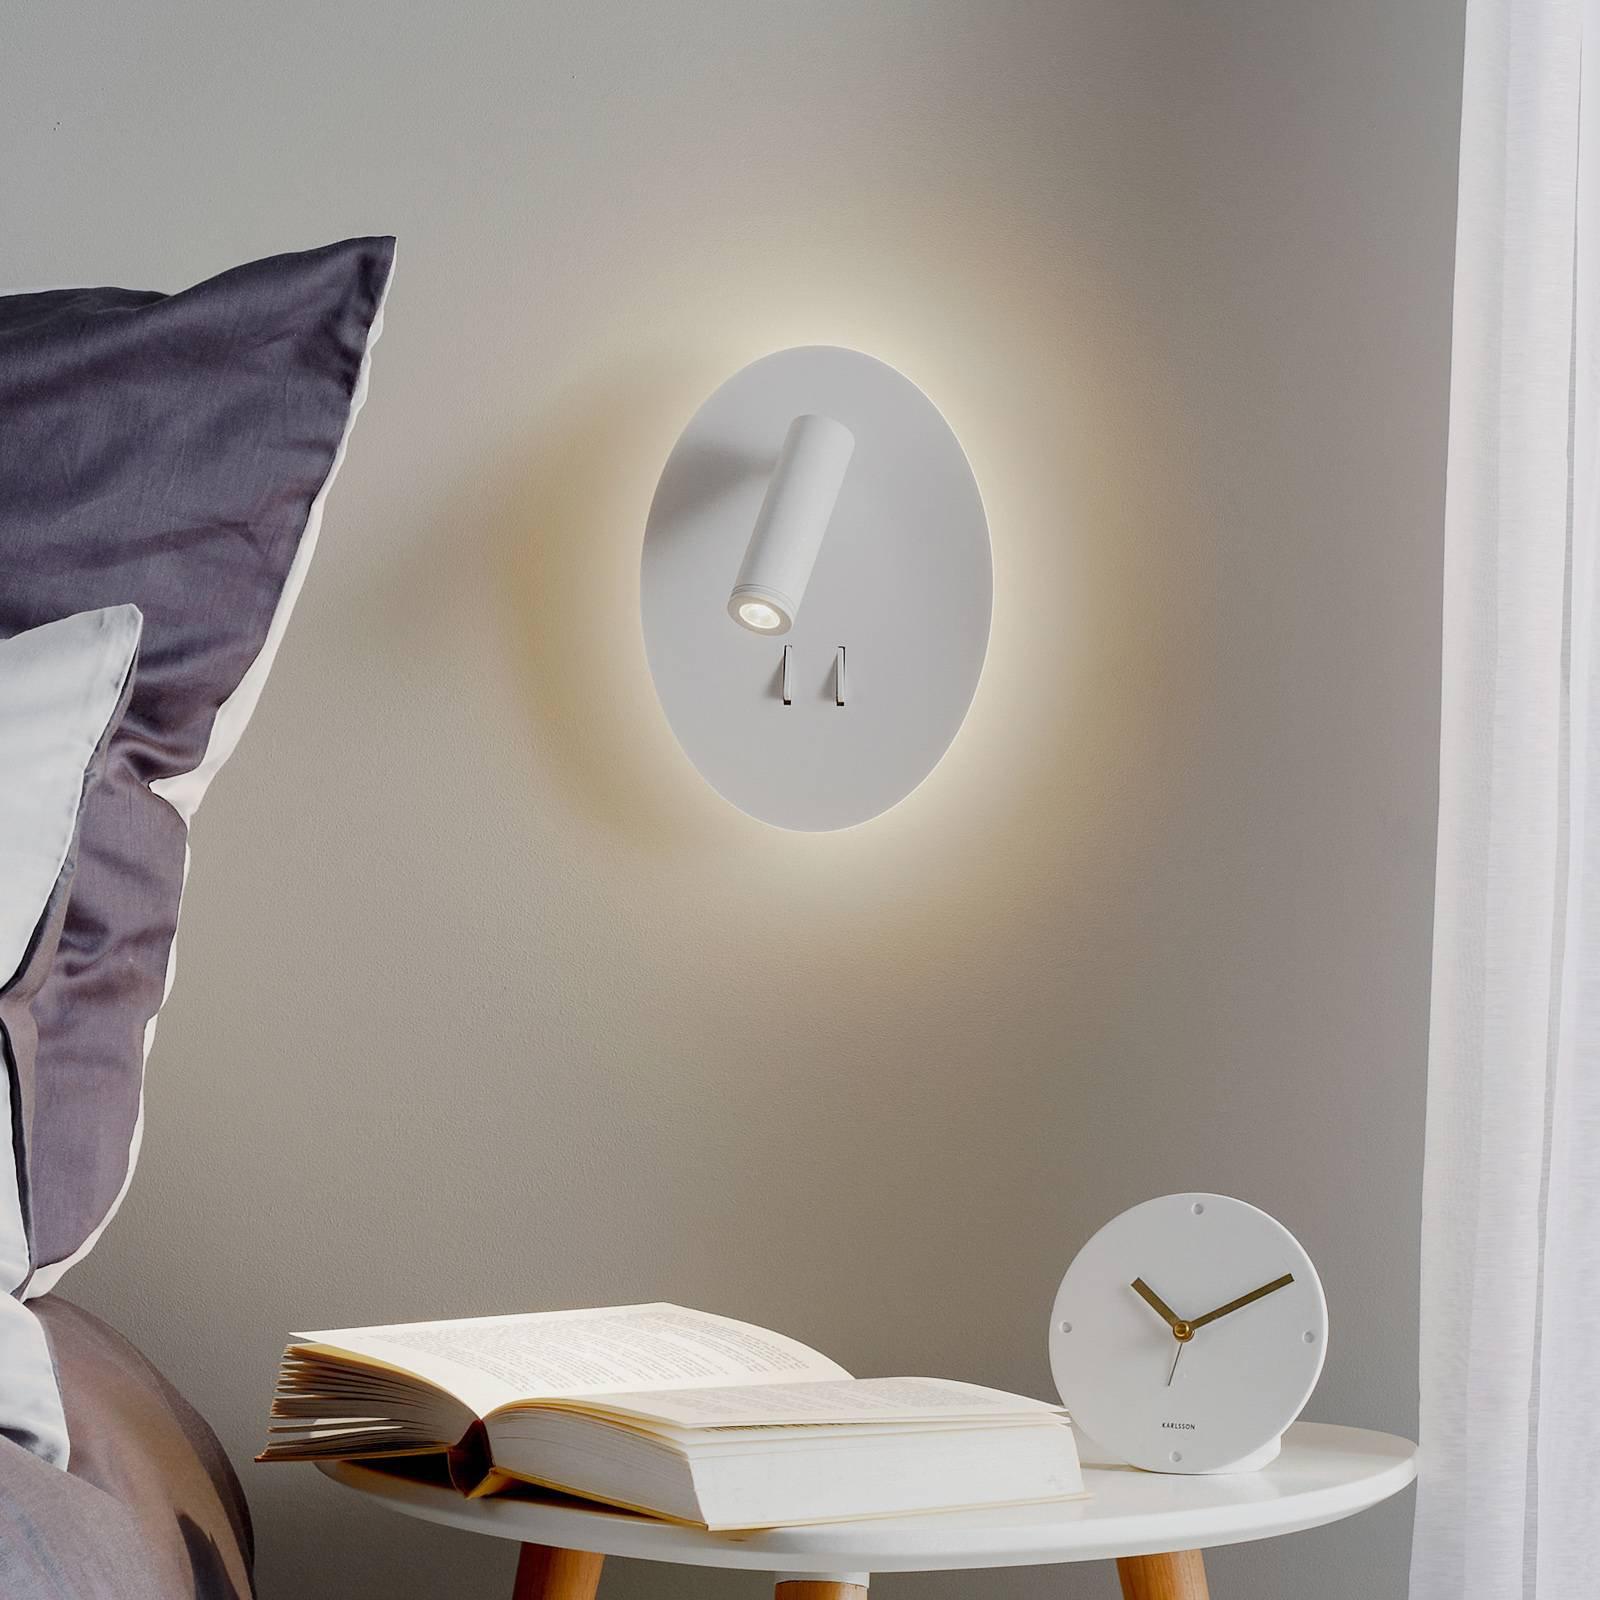 Helestra Orso LED-vegglampe med leselampe, oval